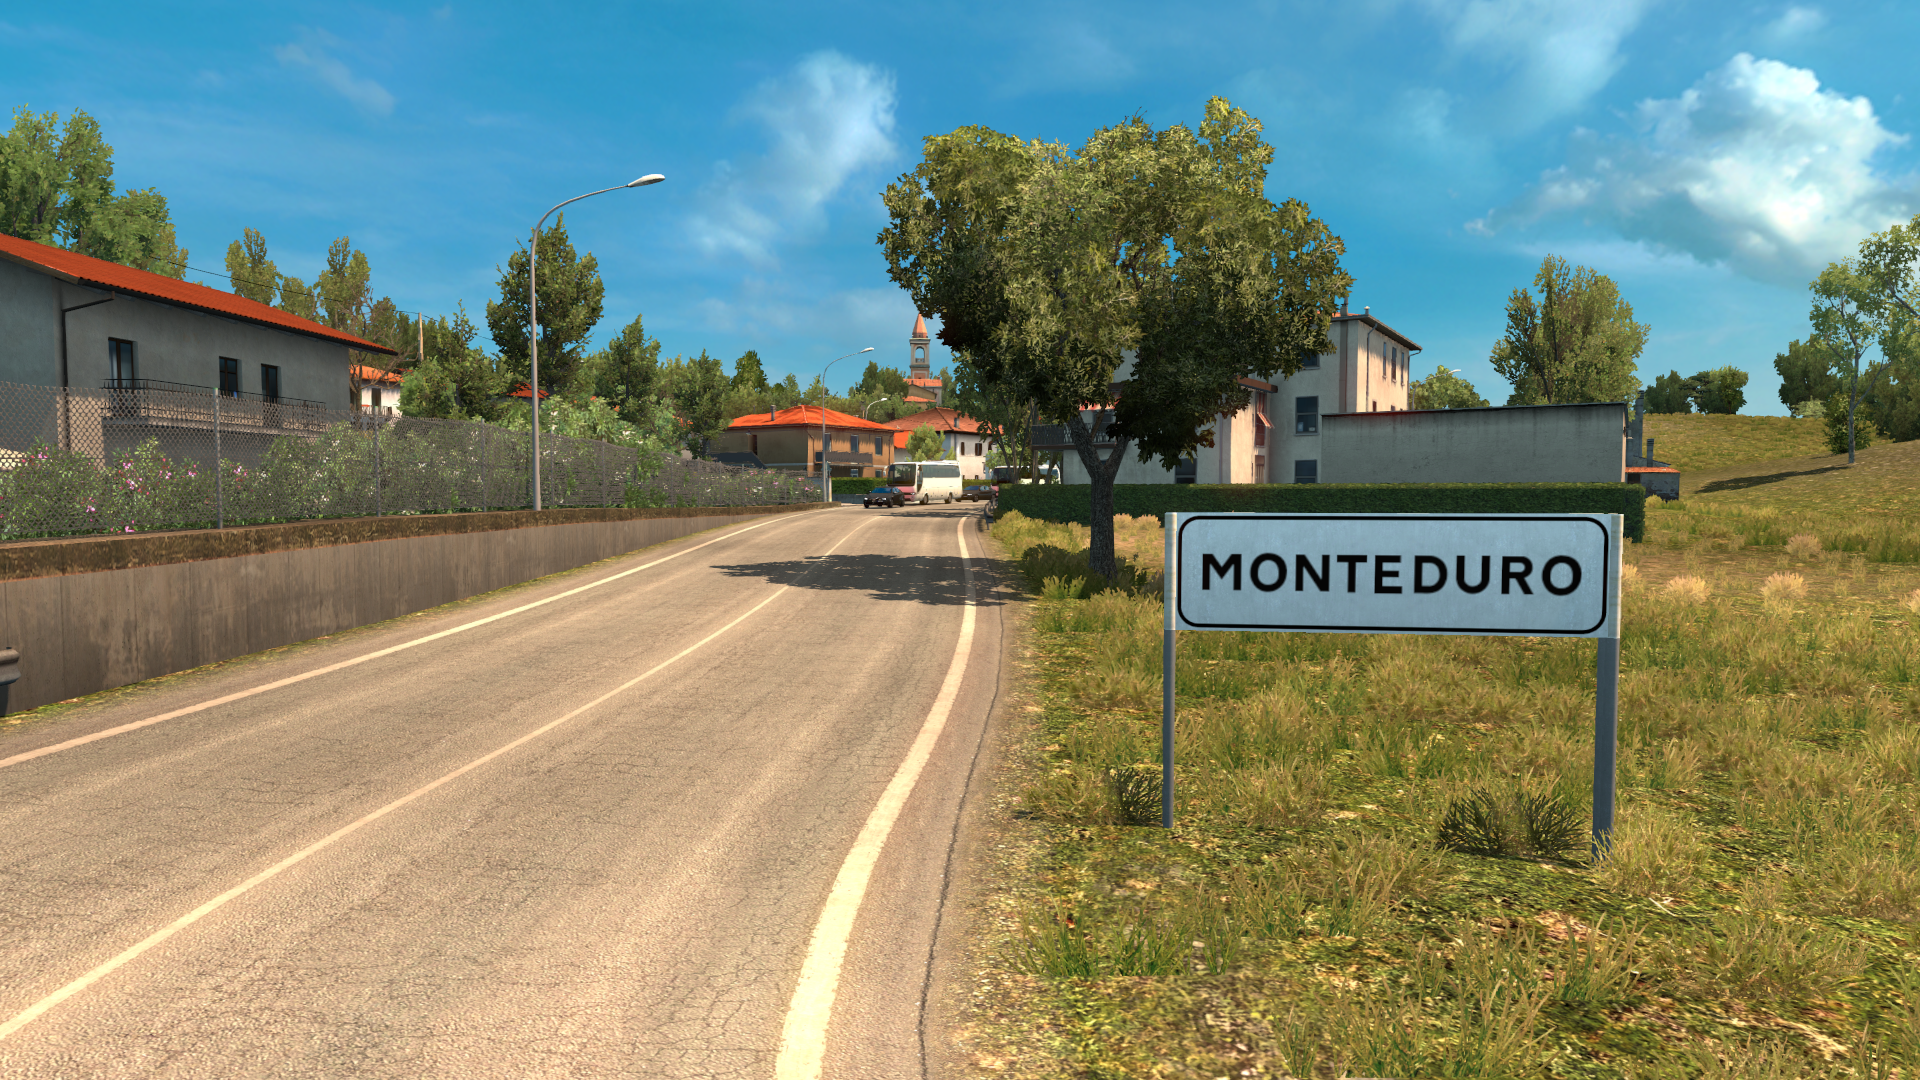 Monteduro